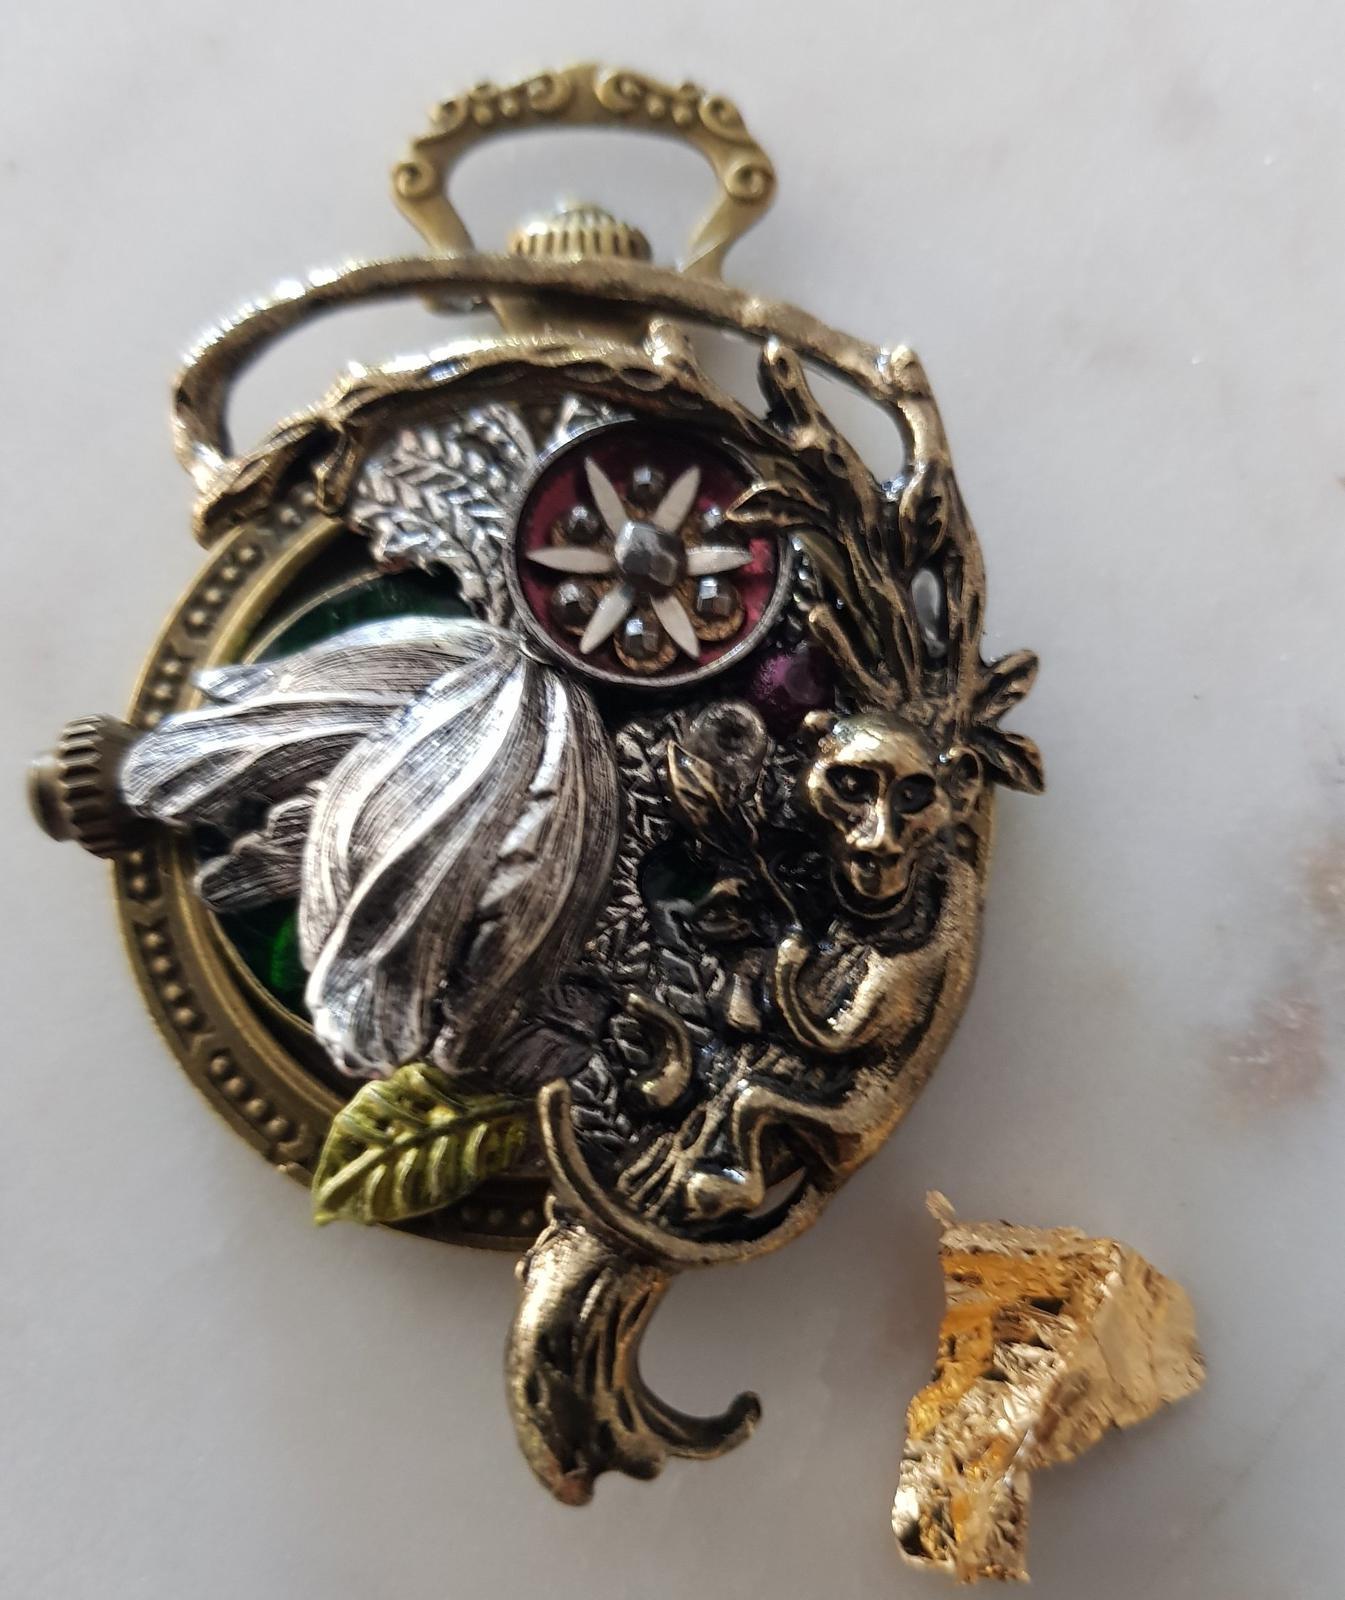 Singe bouton 1896